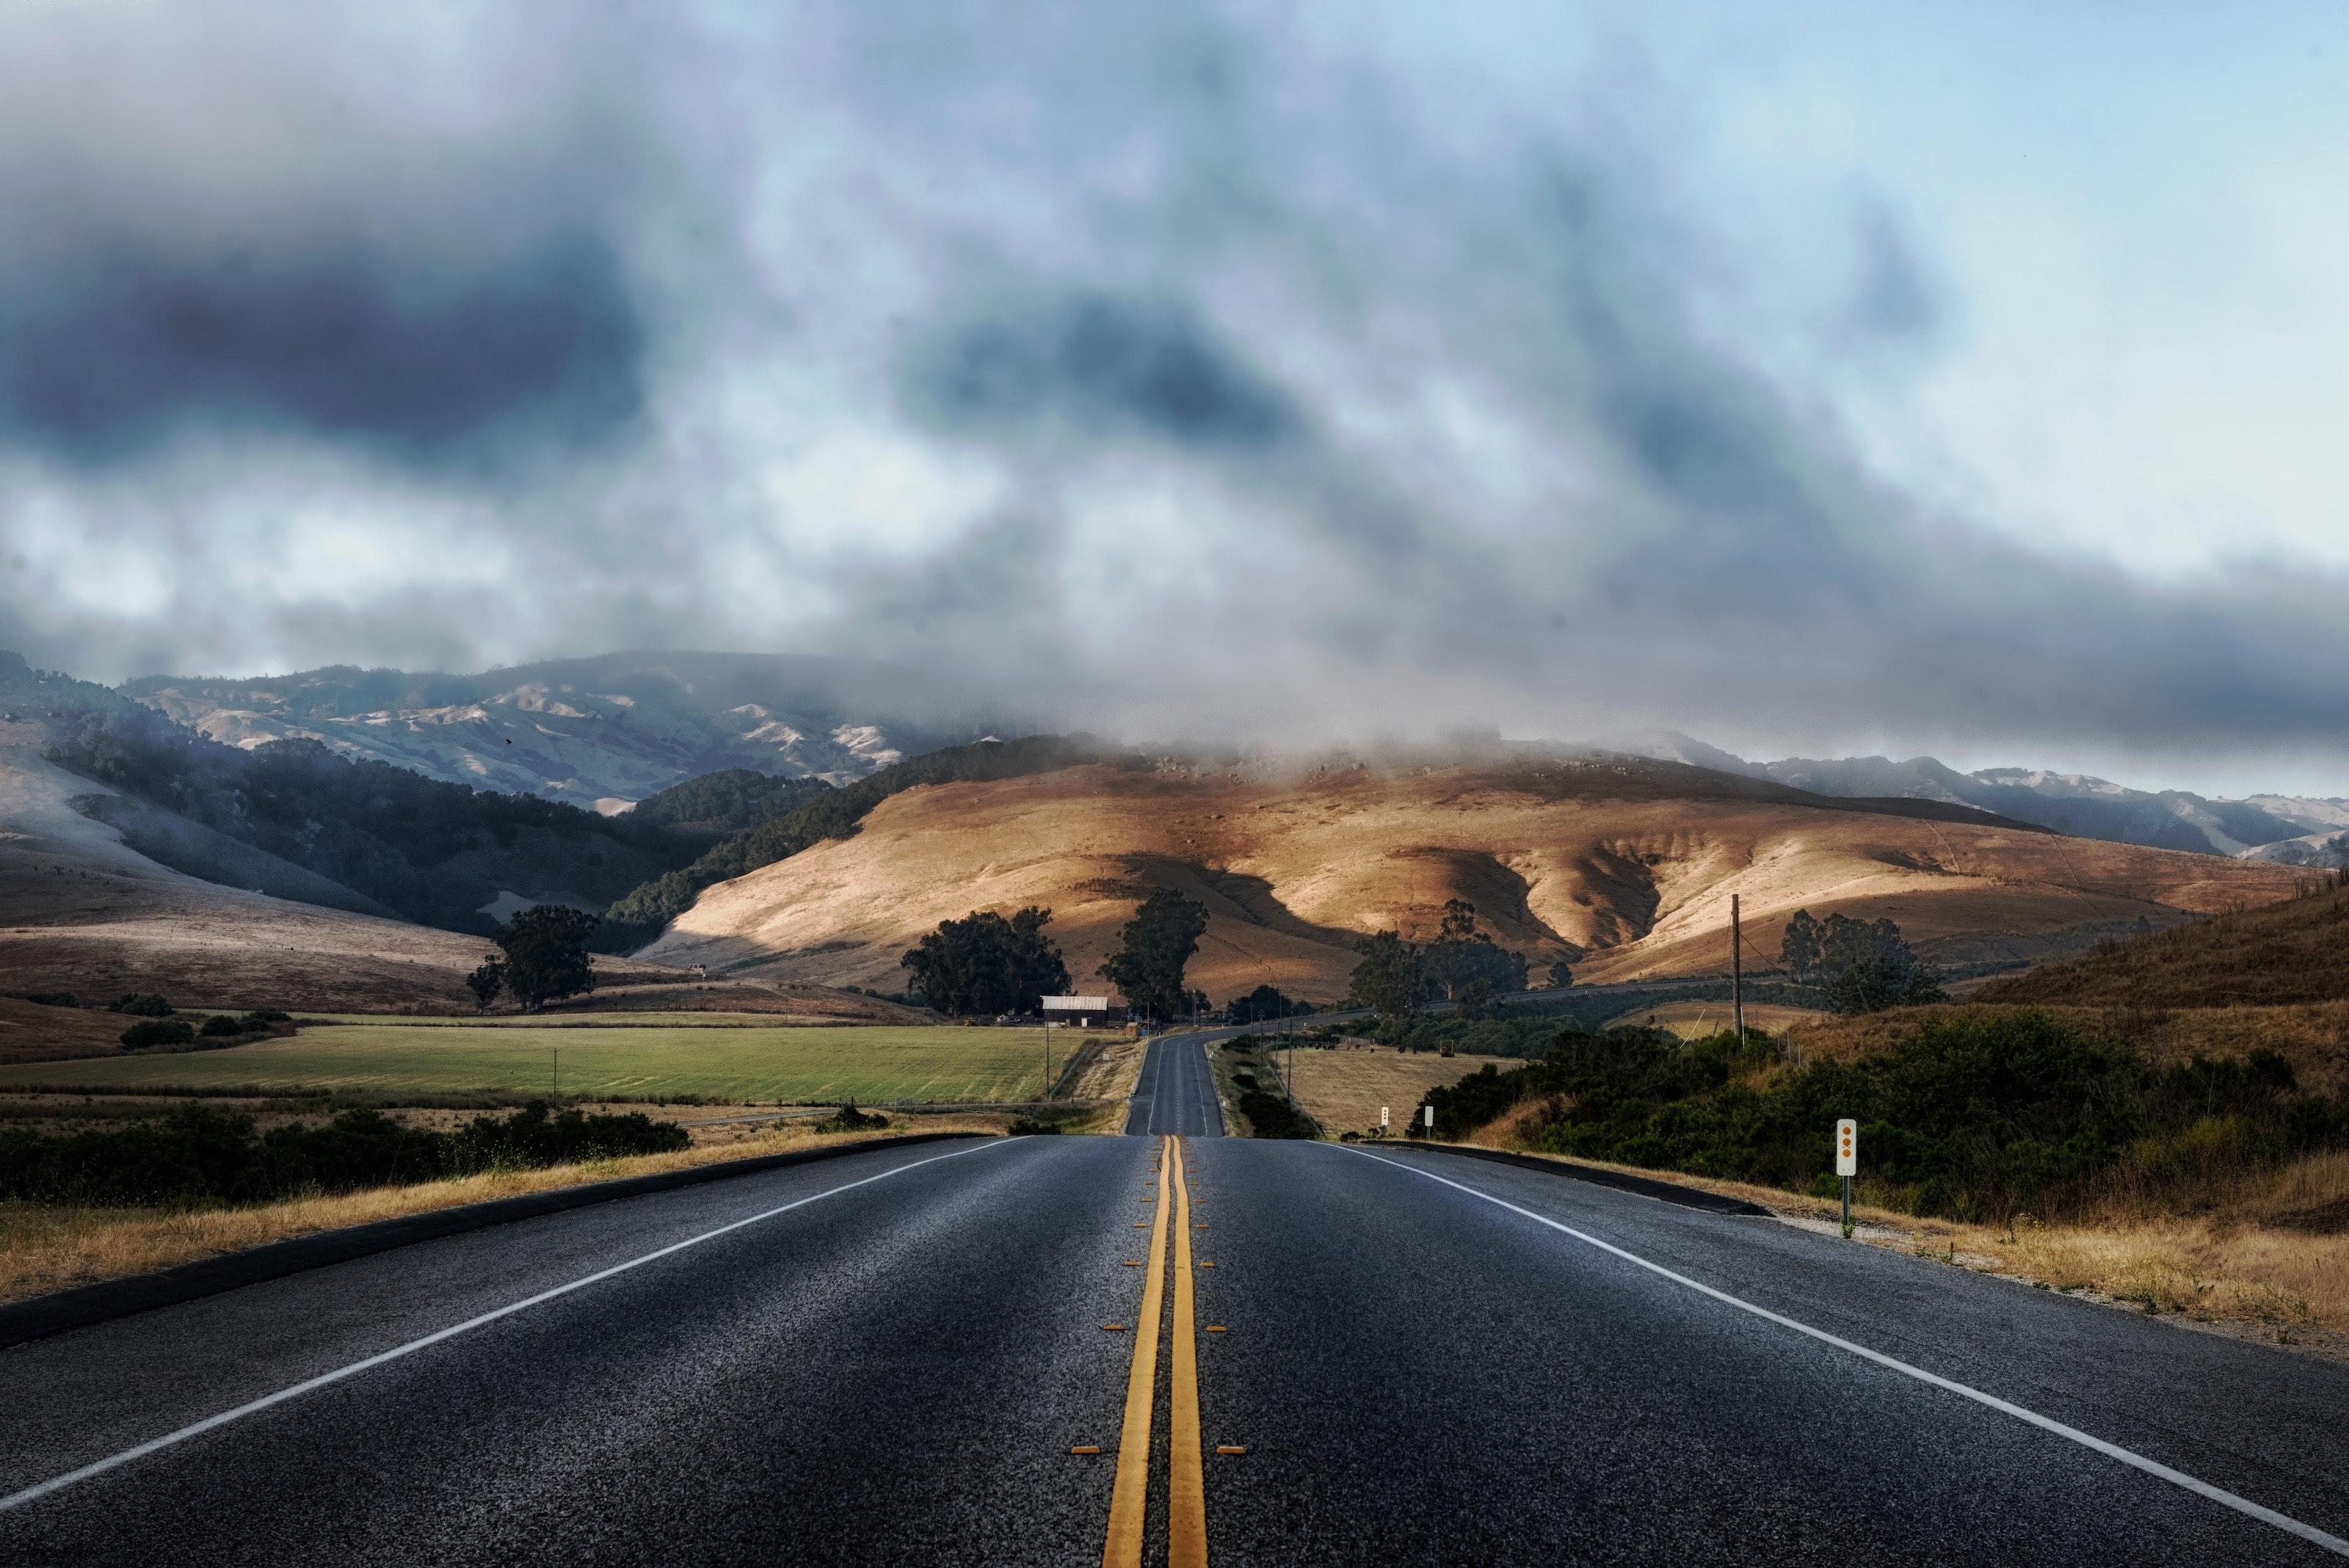 clouds hills landscape 63324 | De nieuwe manier van rijden